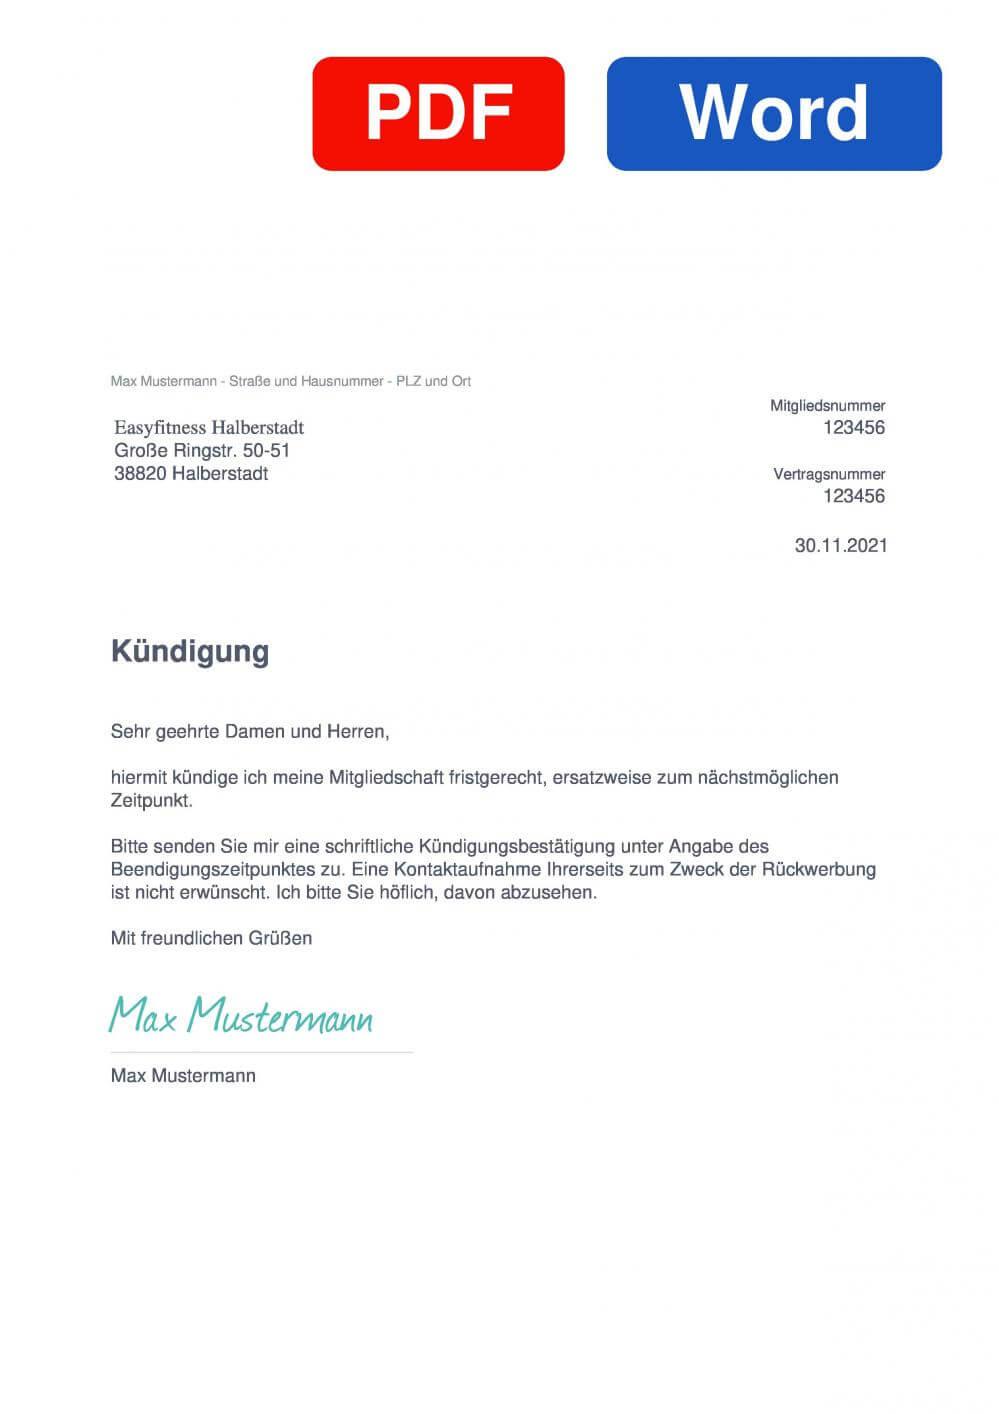 EASYFITNESS Halberstadt Muster Vorlage für Kündigungsschreiben